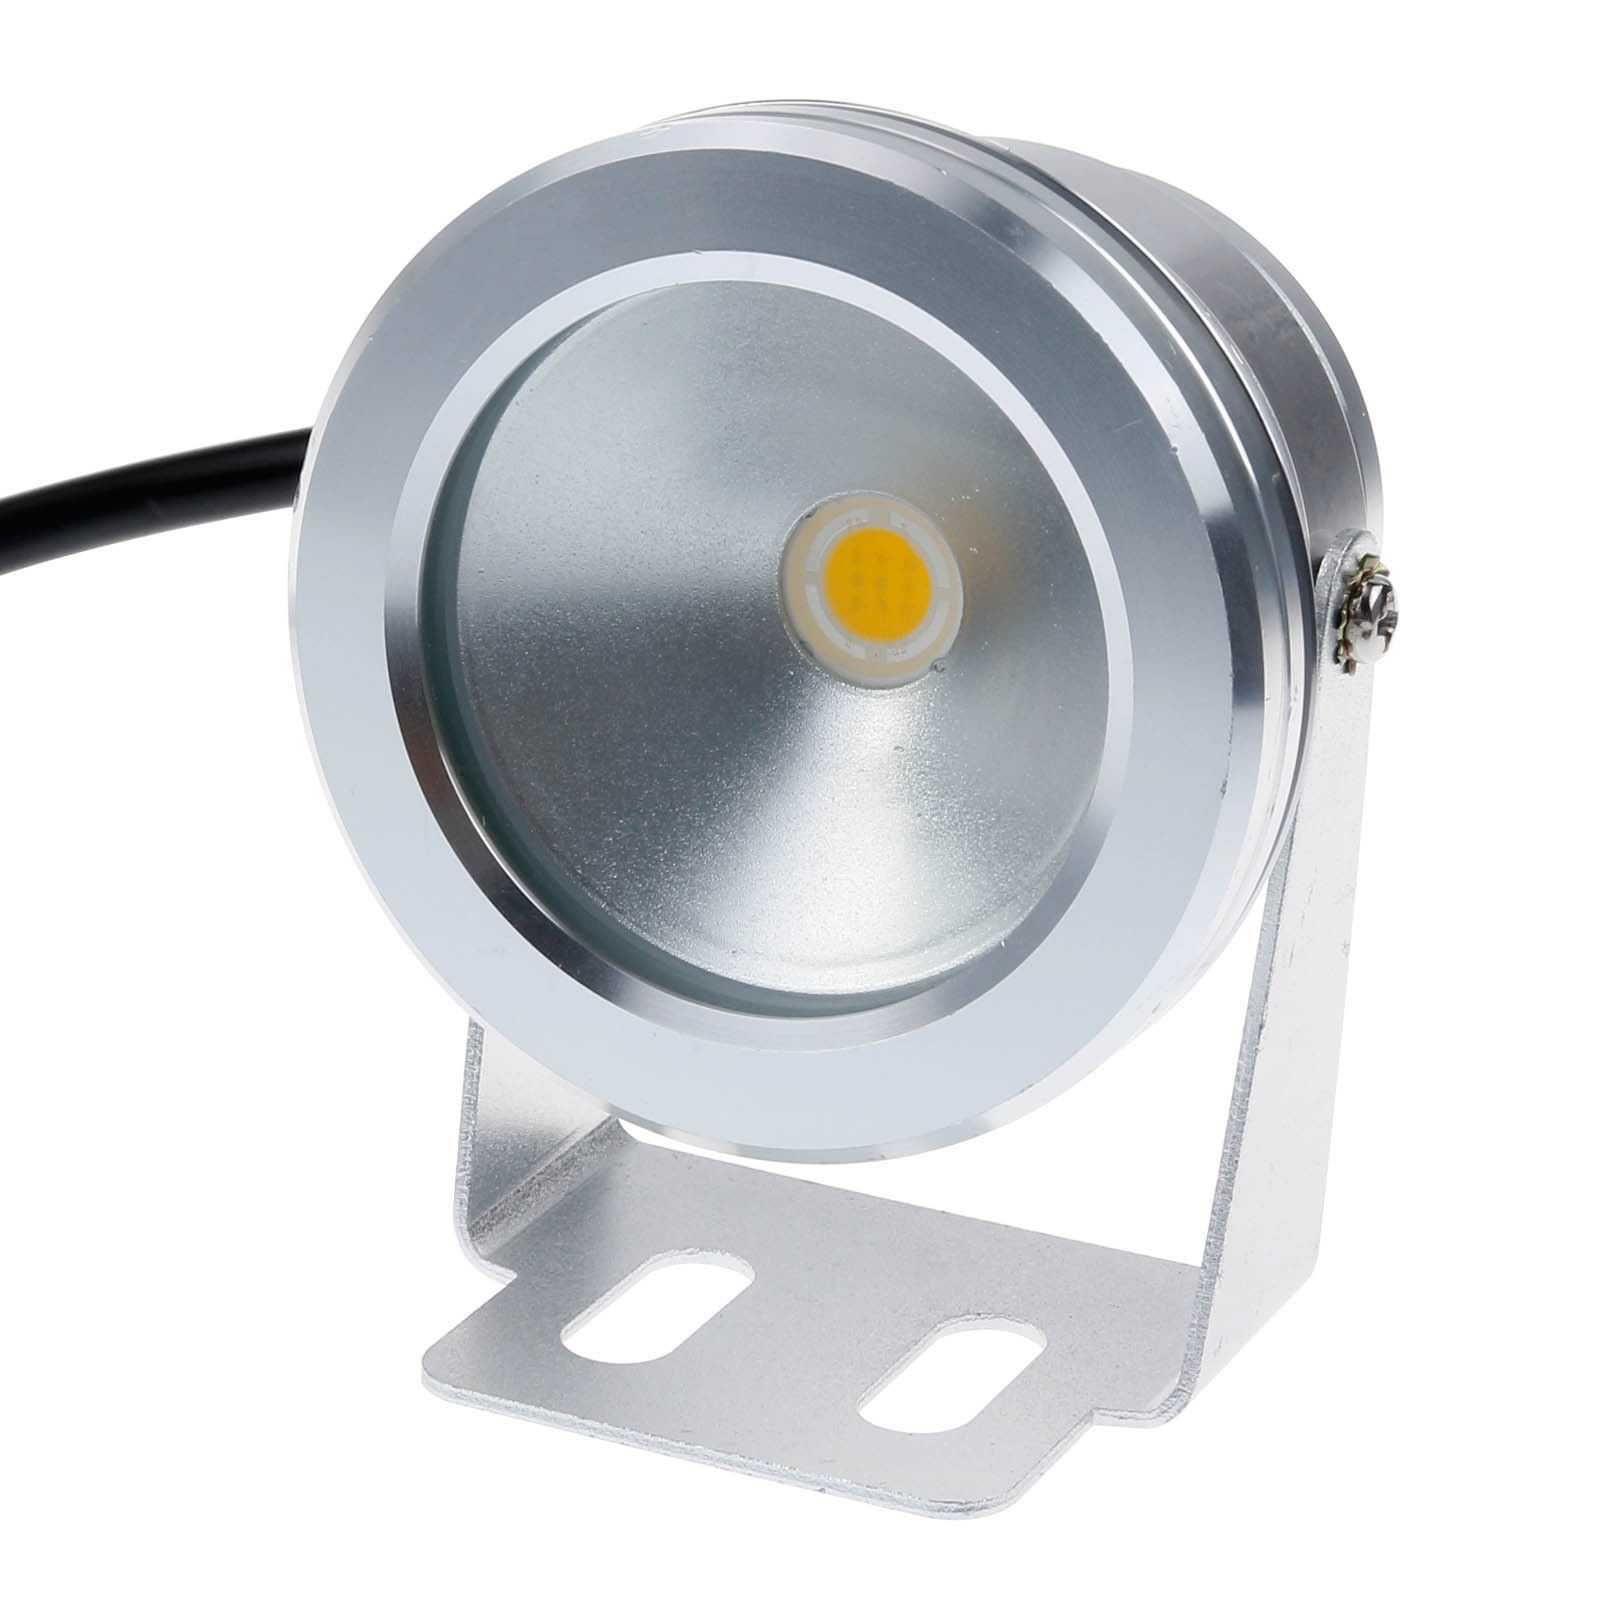 Đèn LED 10W 12V LED chống nước cấp IP68 an toàn điện áp thấp cho đài phun nước .